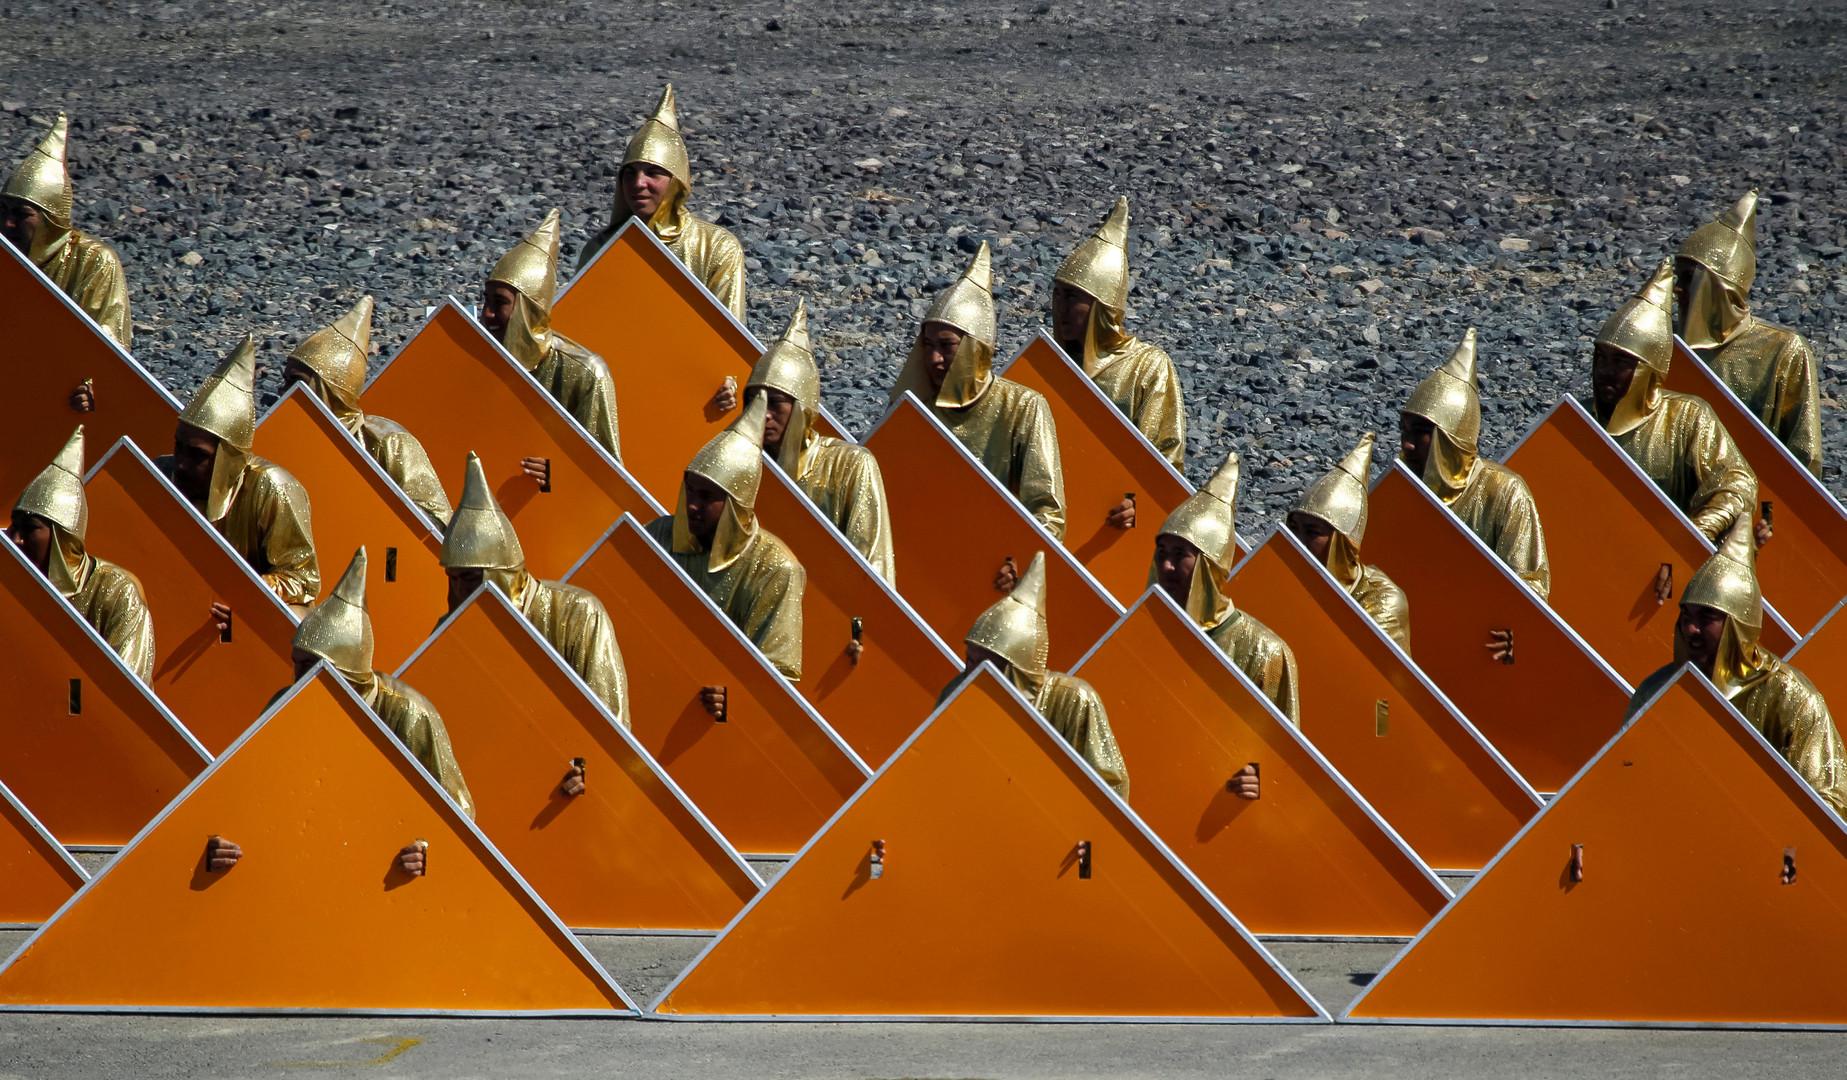 Служащие в праздничных костюмах на церемонии открытия Международных армейских игр в Казахстане.